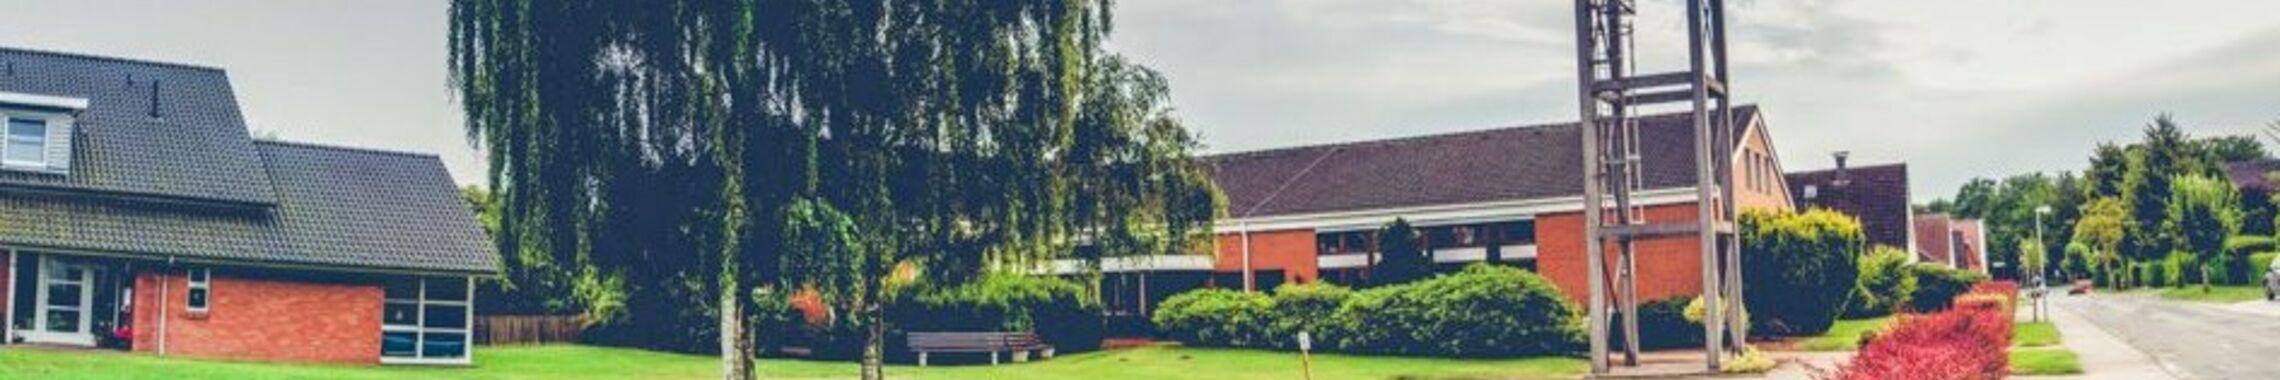 Pfarrhaus, Kirche und Gemeindehaus